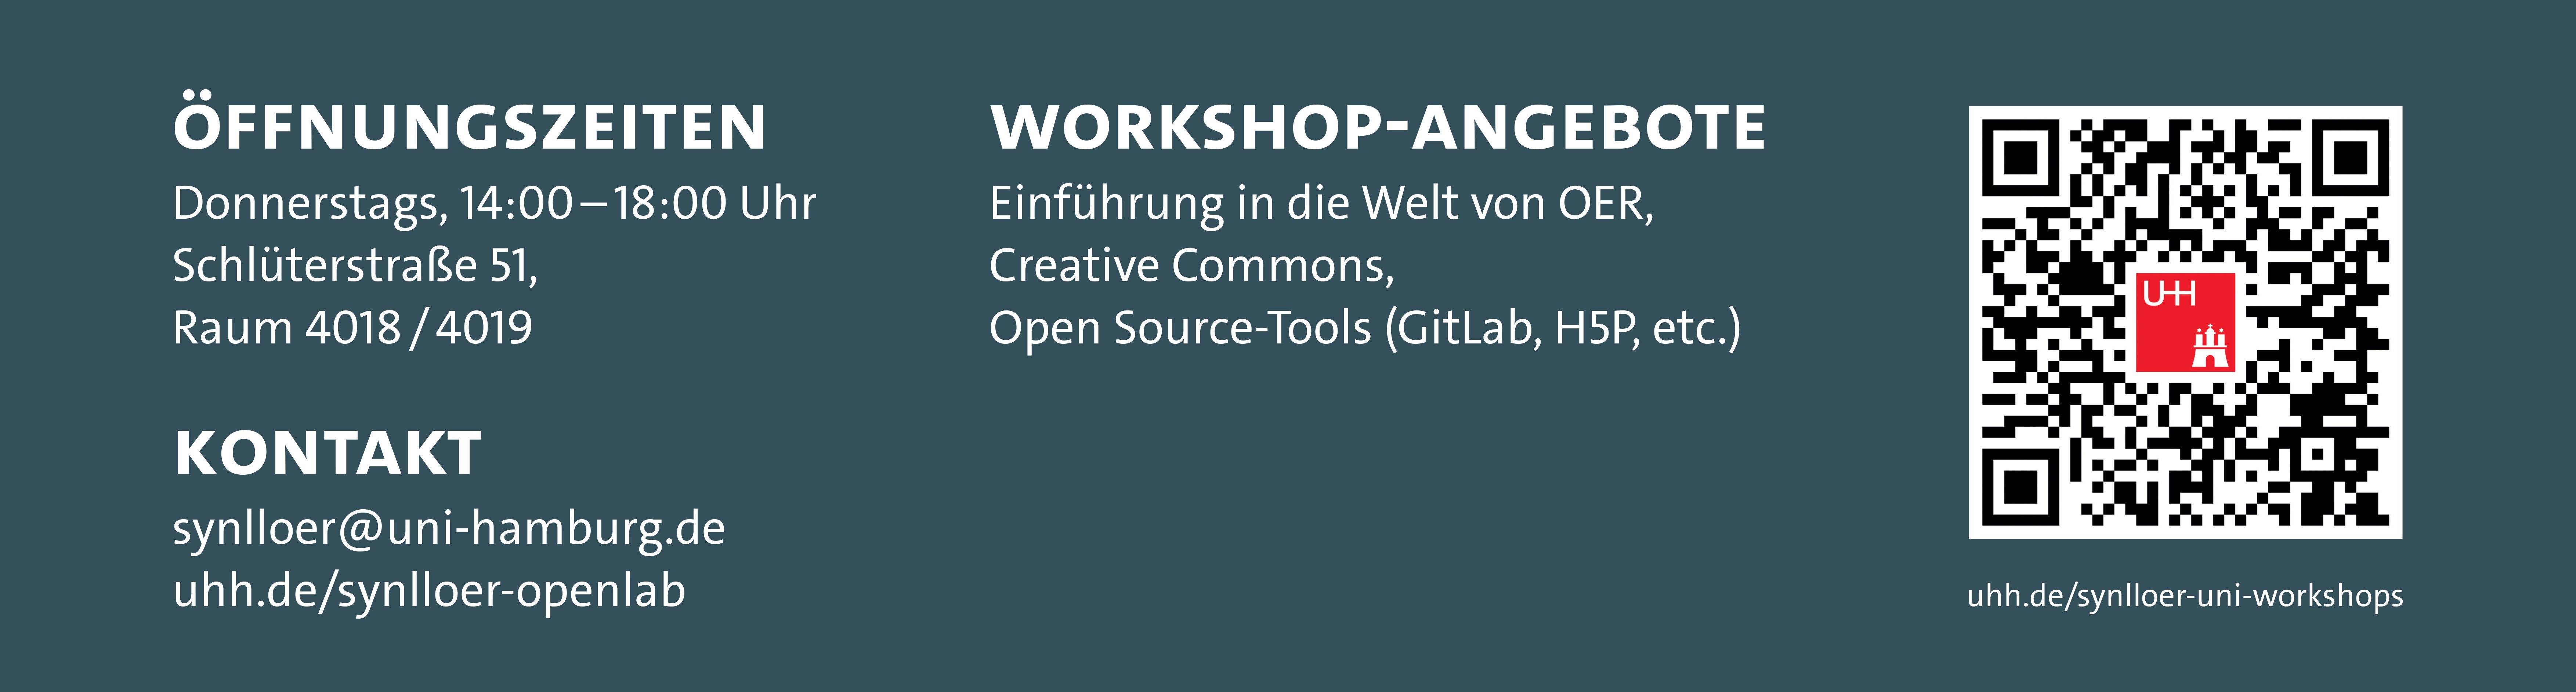 Darstellung der Öffnungszeiten, Kontaktadresse & Workshopangebote